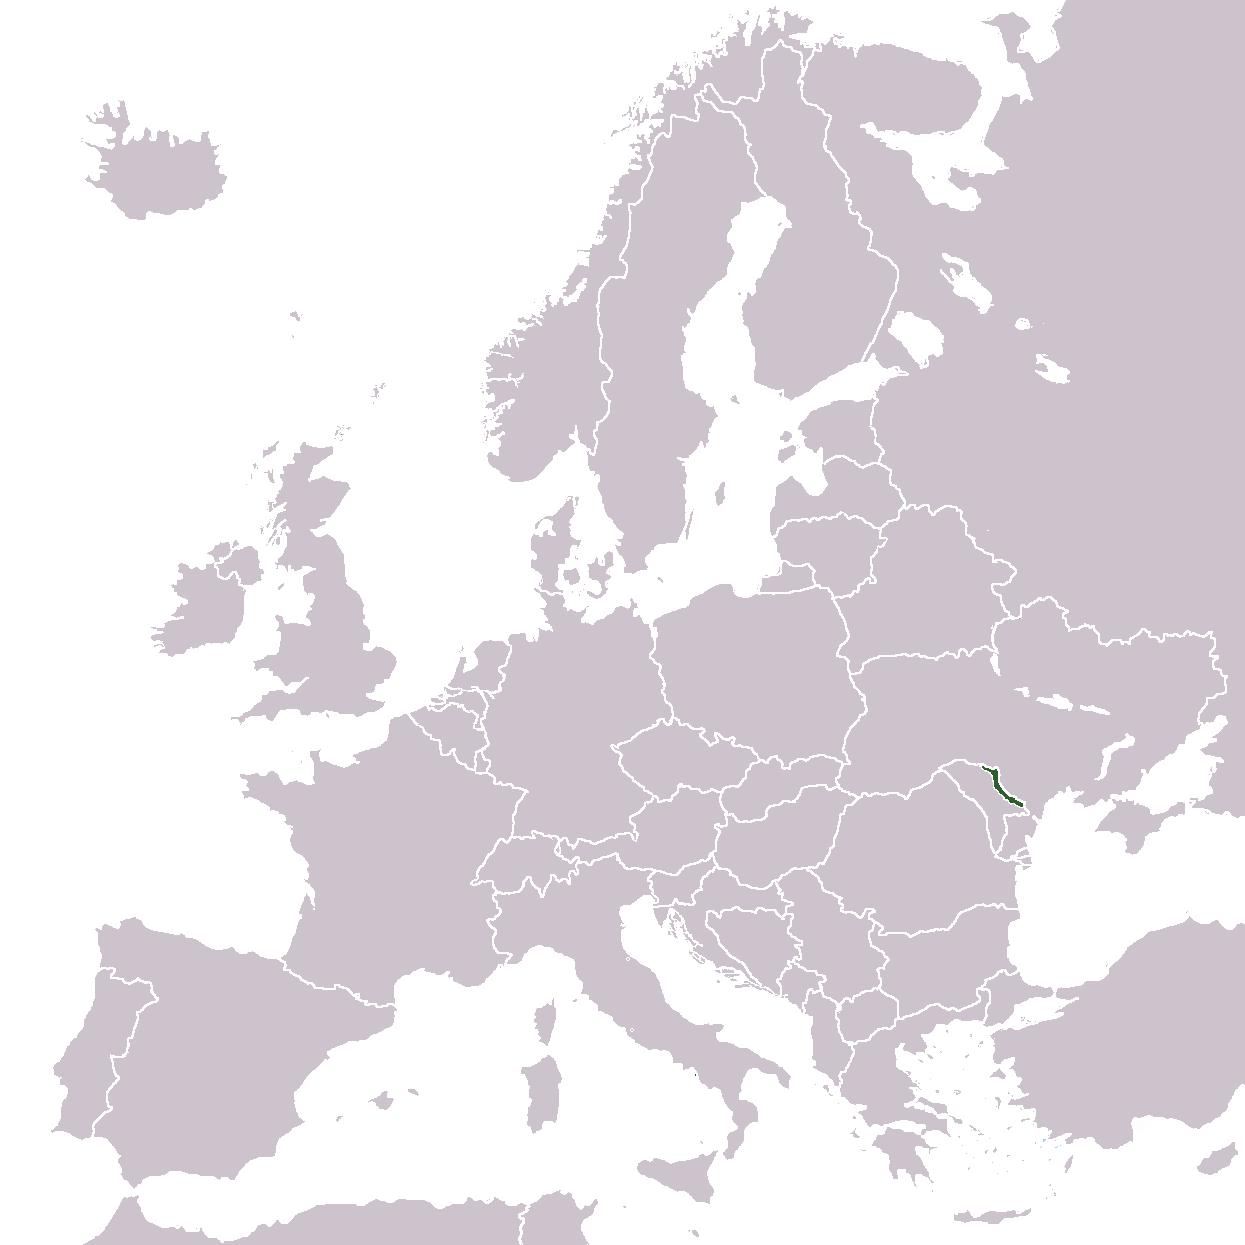 Mapa De Europa Png.Ihmc Public Cmaps 2